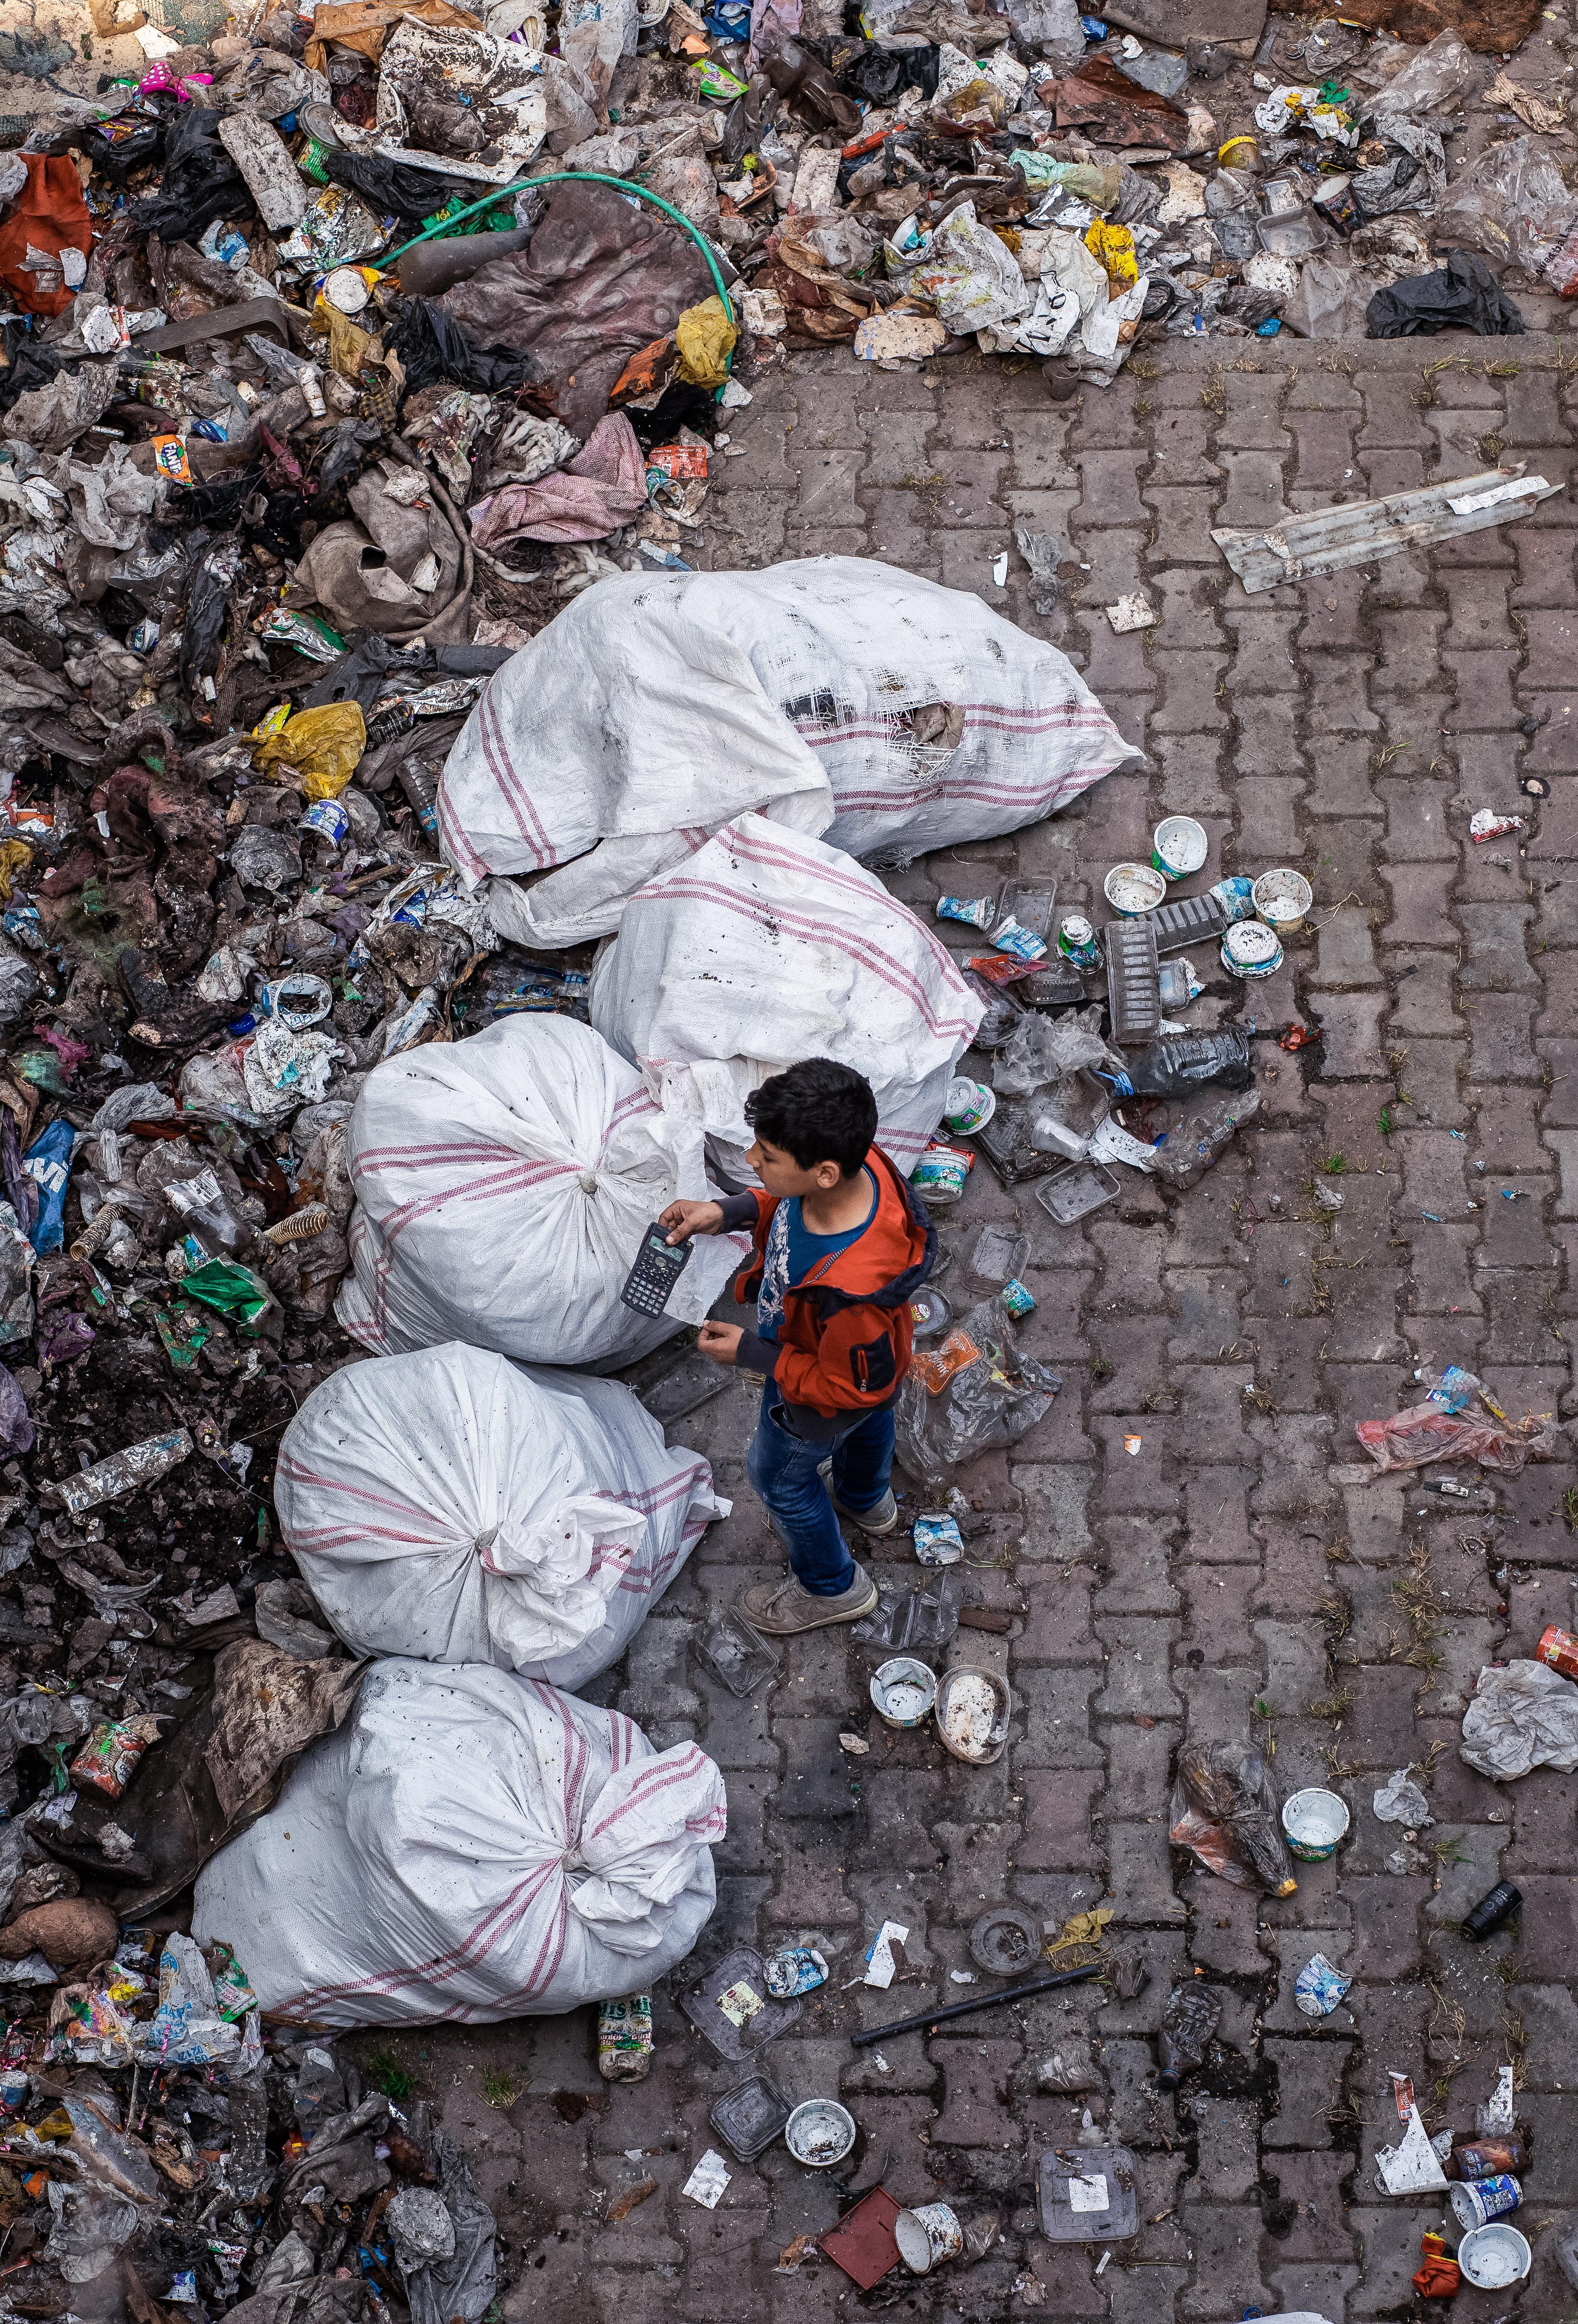 Ein Junge vor einem riesigen Müllberg.